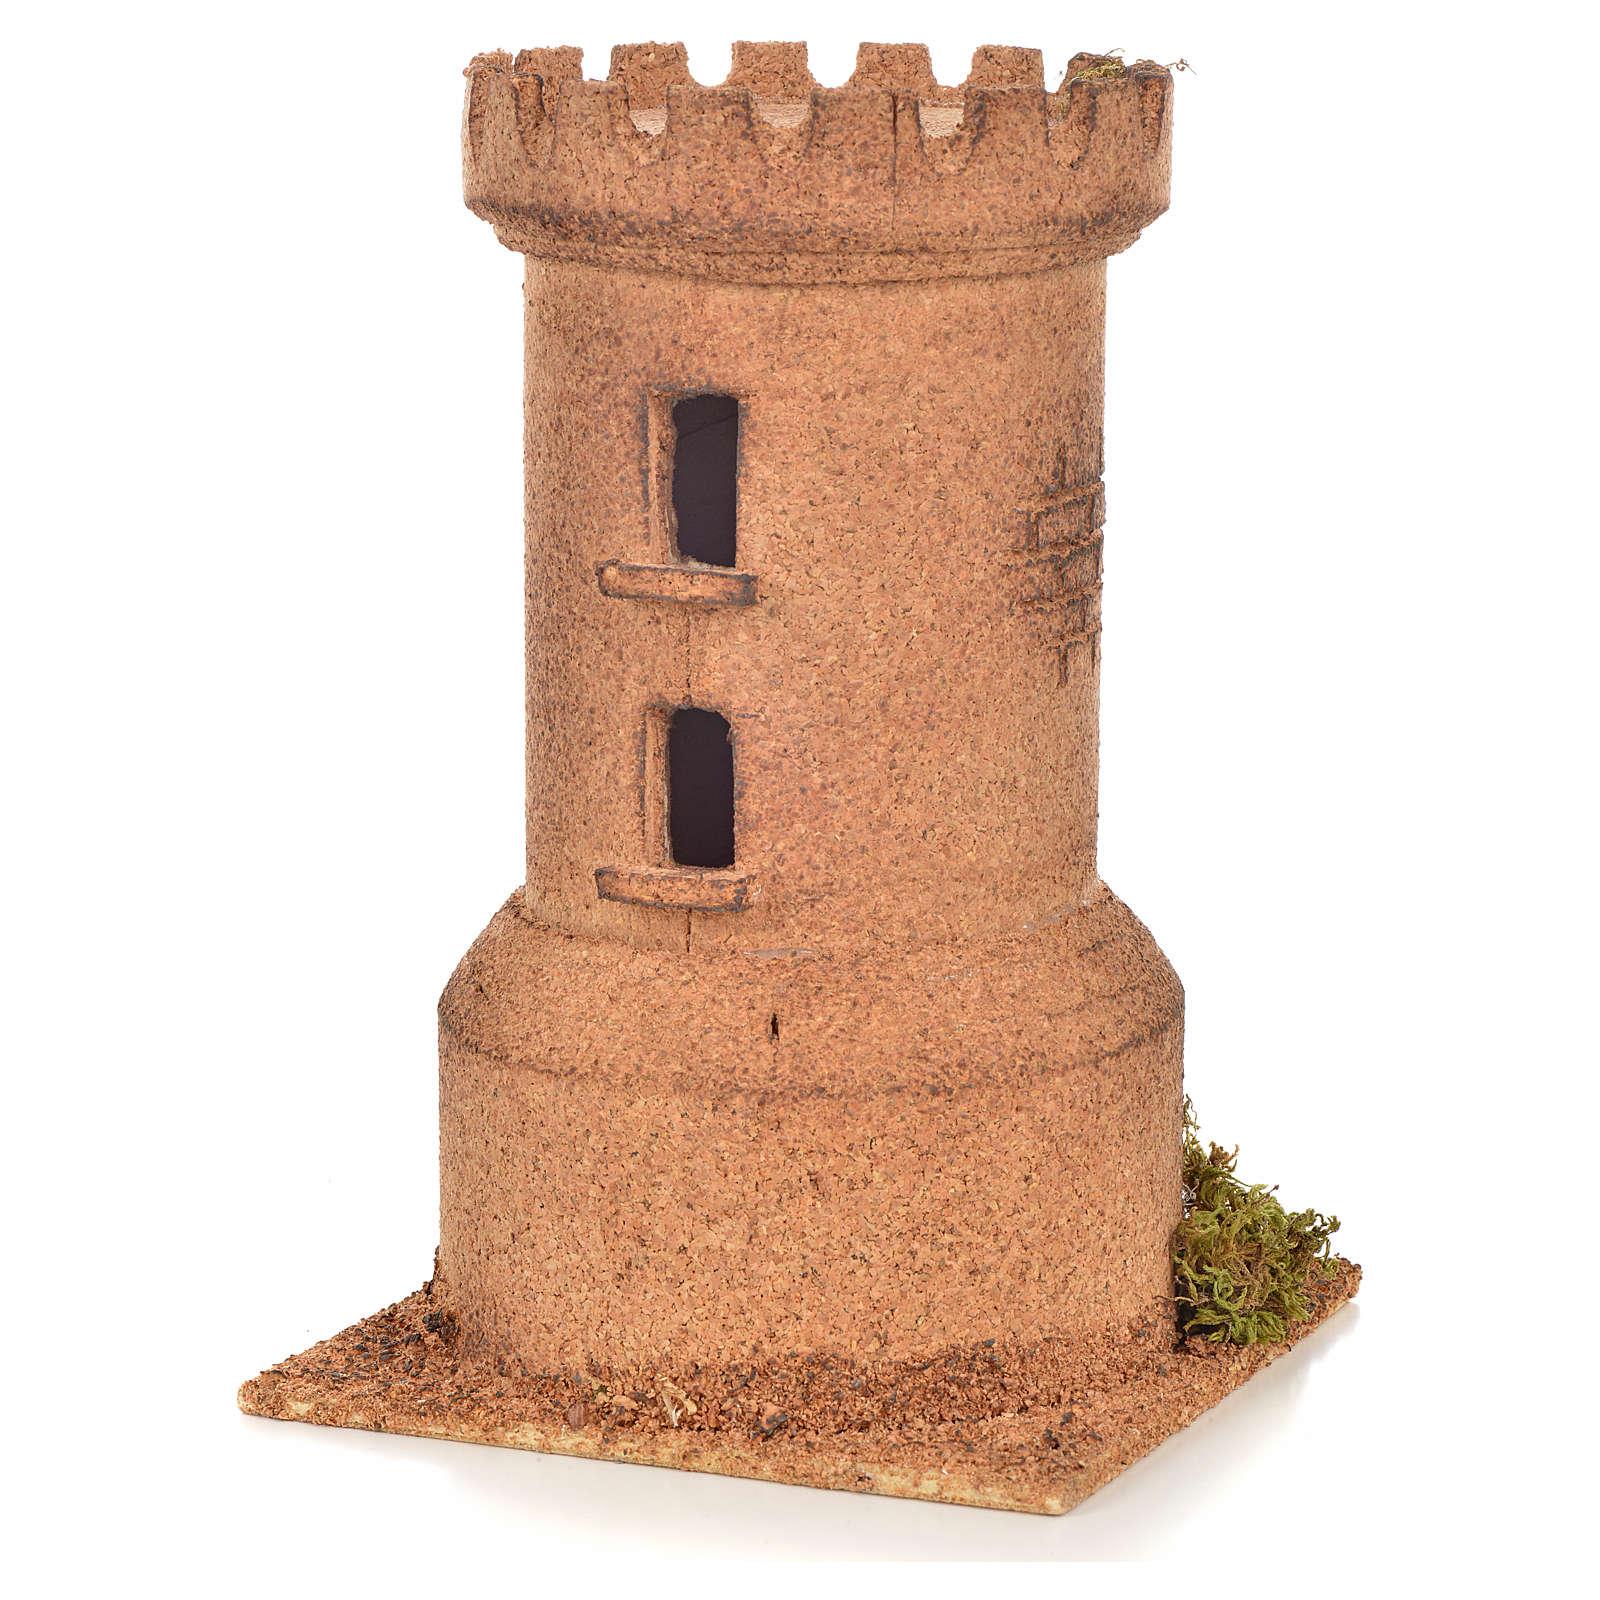 Wieże korek 13x13x20,5 szopka neapolitańska 4